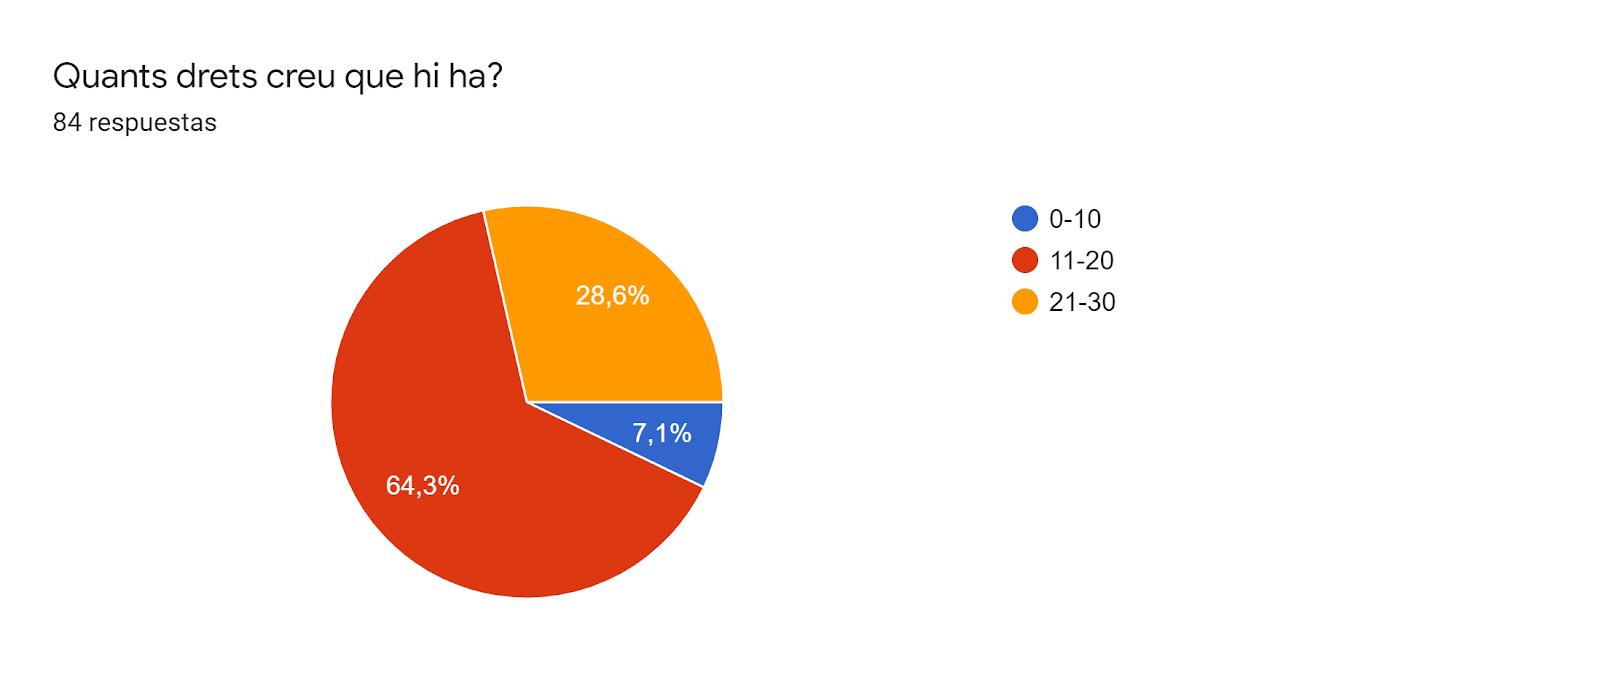 Gráfico de respuestas de formularios. Título de la pregunta:Quants drets creu que hi ha?. Número de respuestas:84 respuestas.